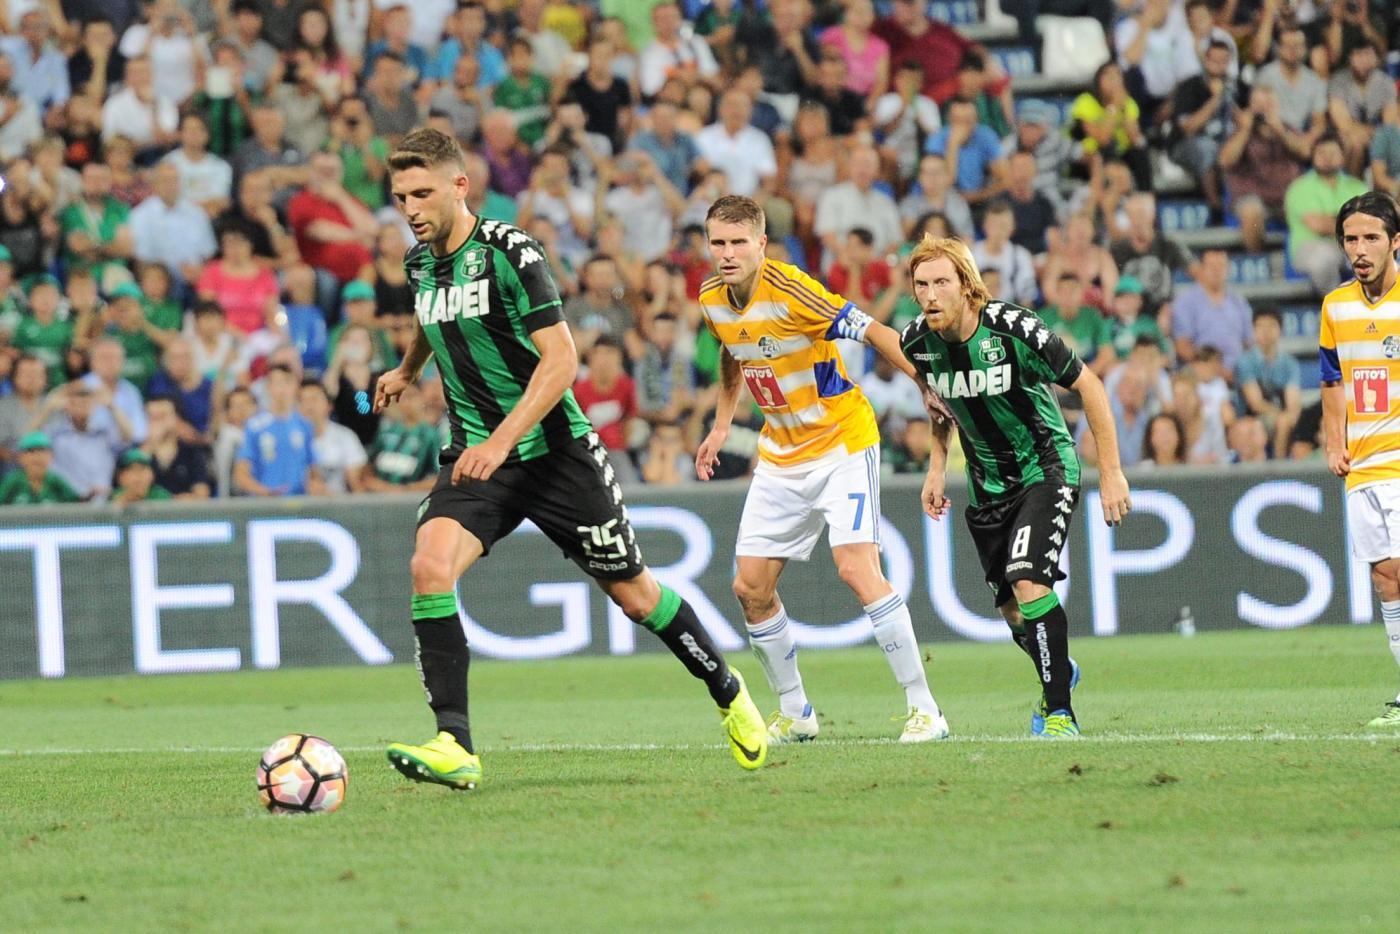 Europa League: Lucerna-Sassuolo, le formazioni ufficiali. Berardi in campo